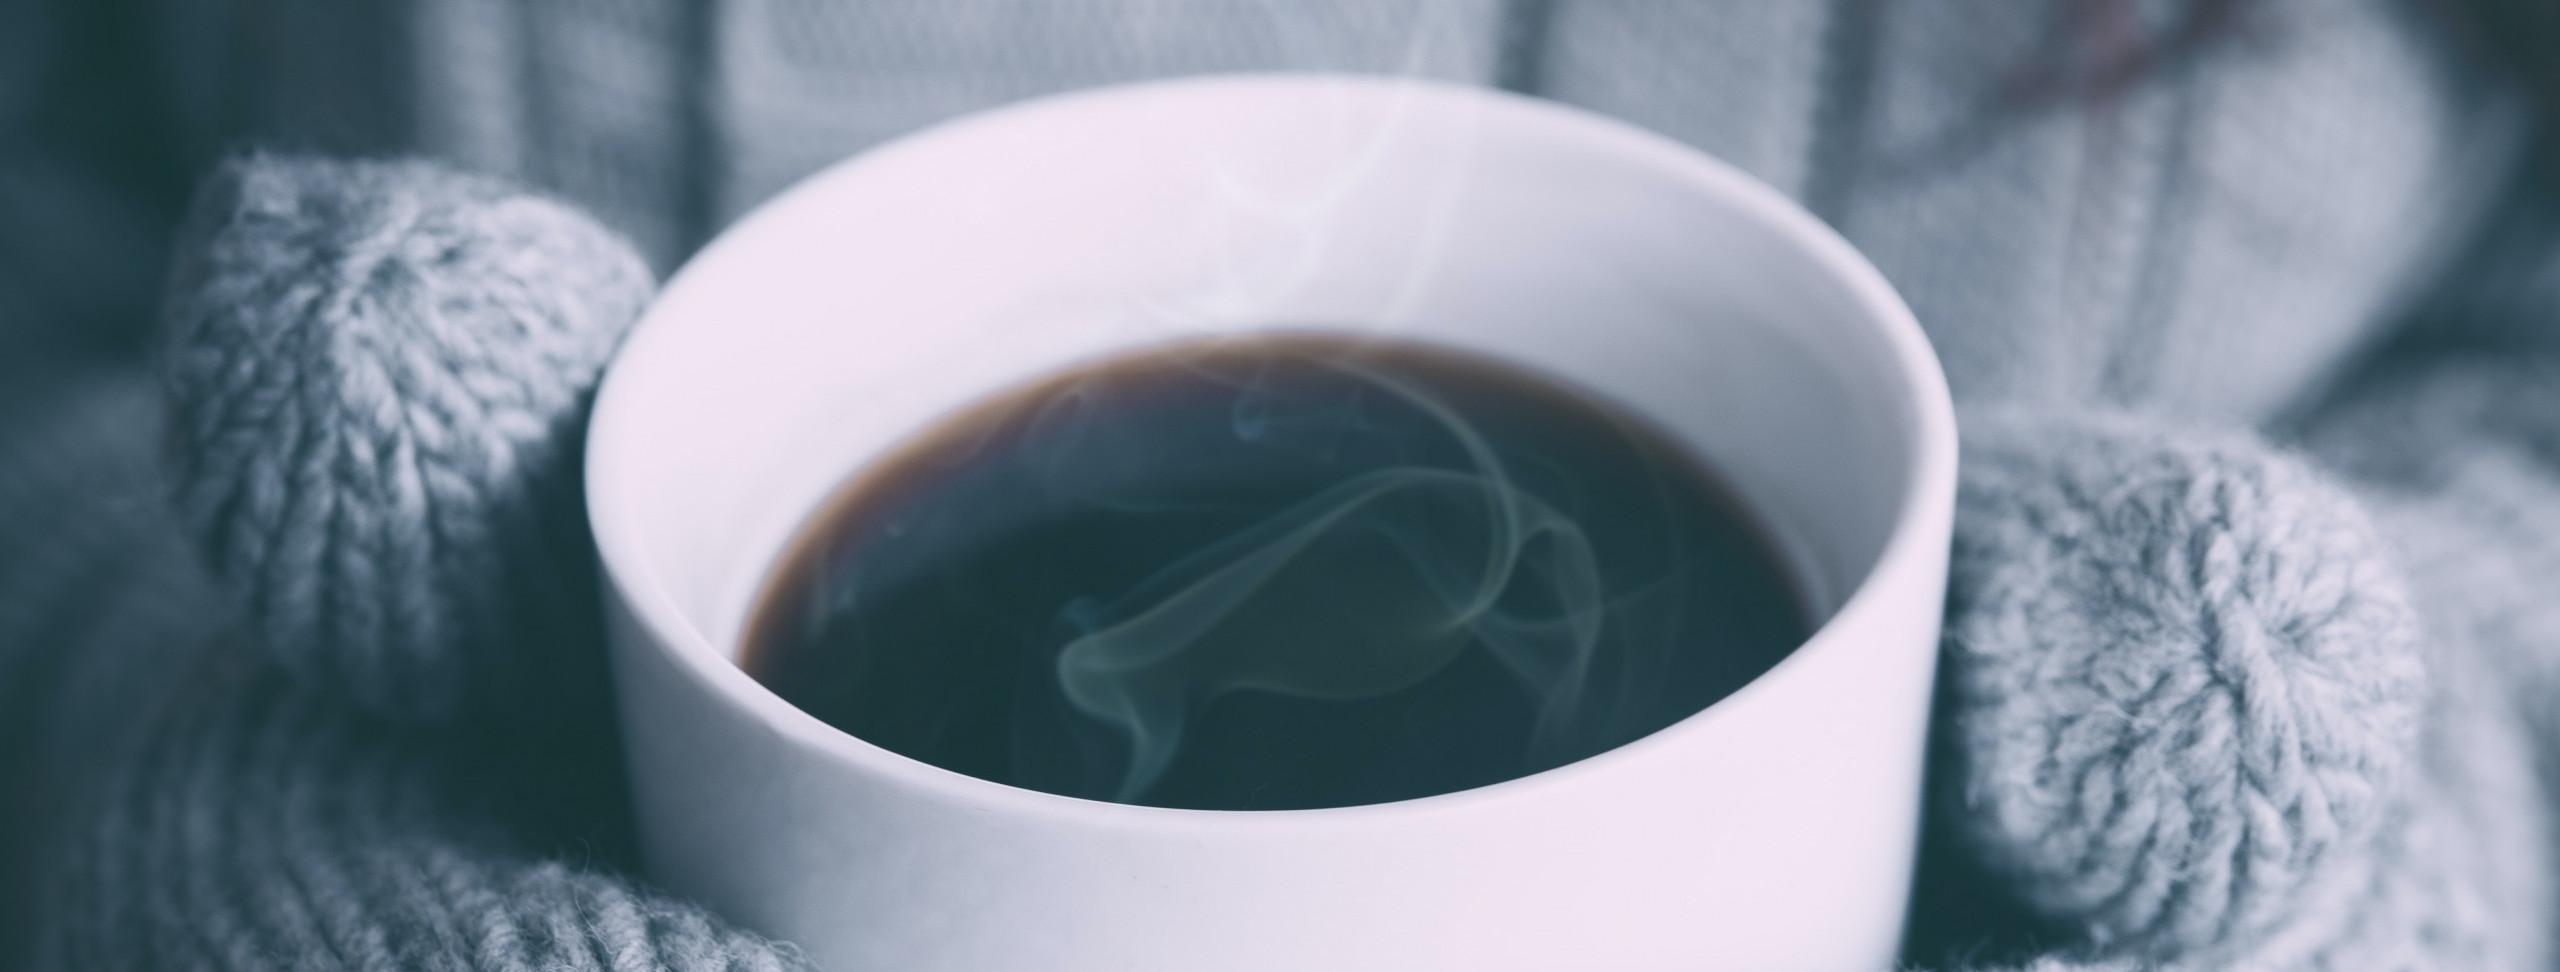 frio-inverno-bebida-quente-cha-cafe-coberta-produtos